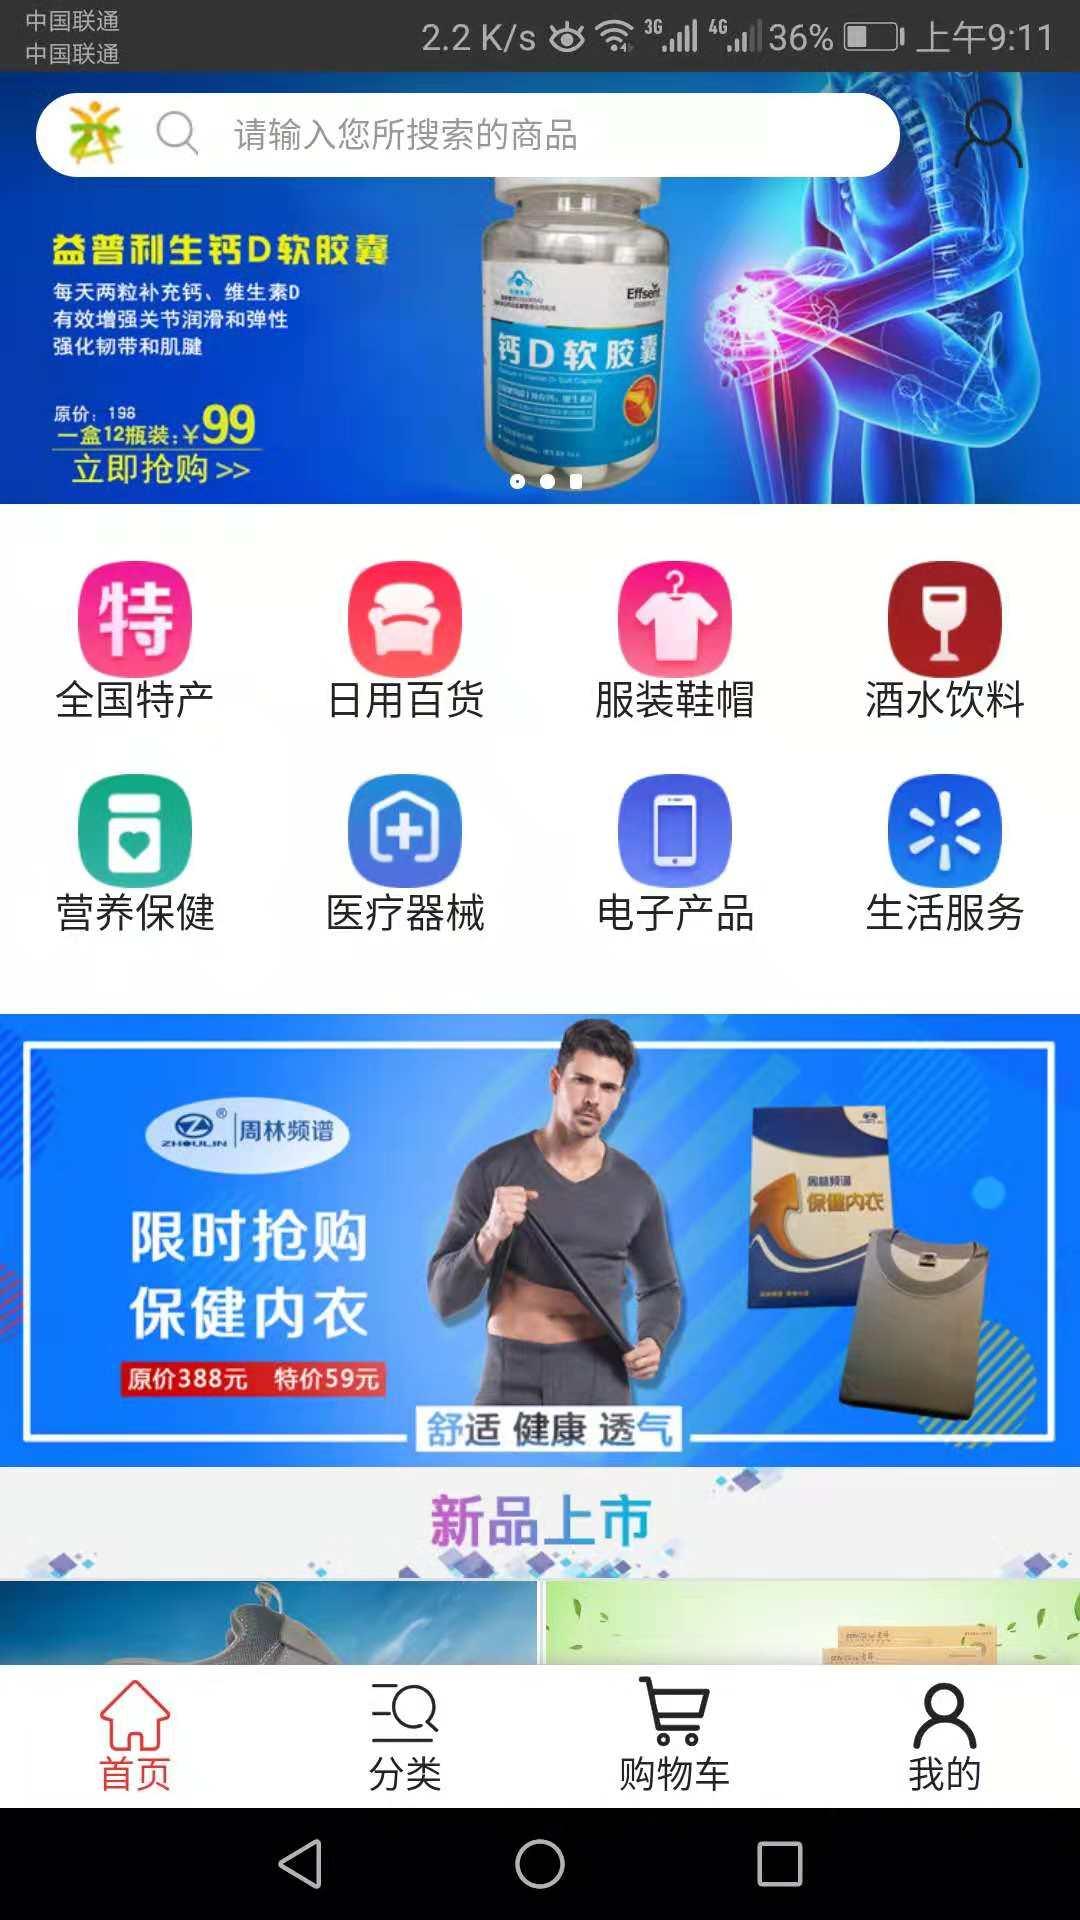 华阳居家养老 APP开发 要求:能线上购物